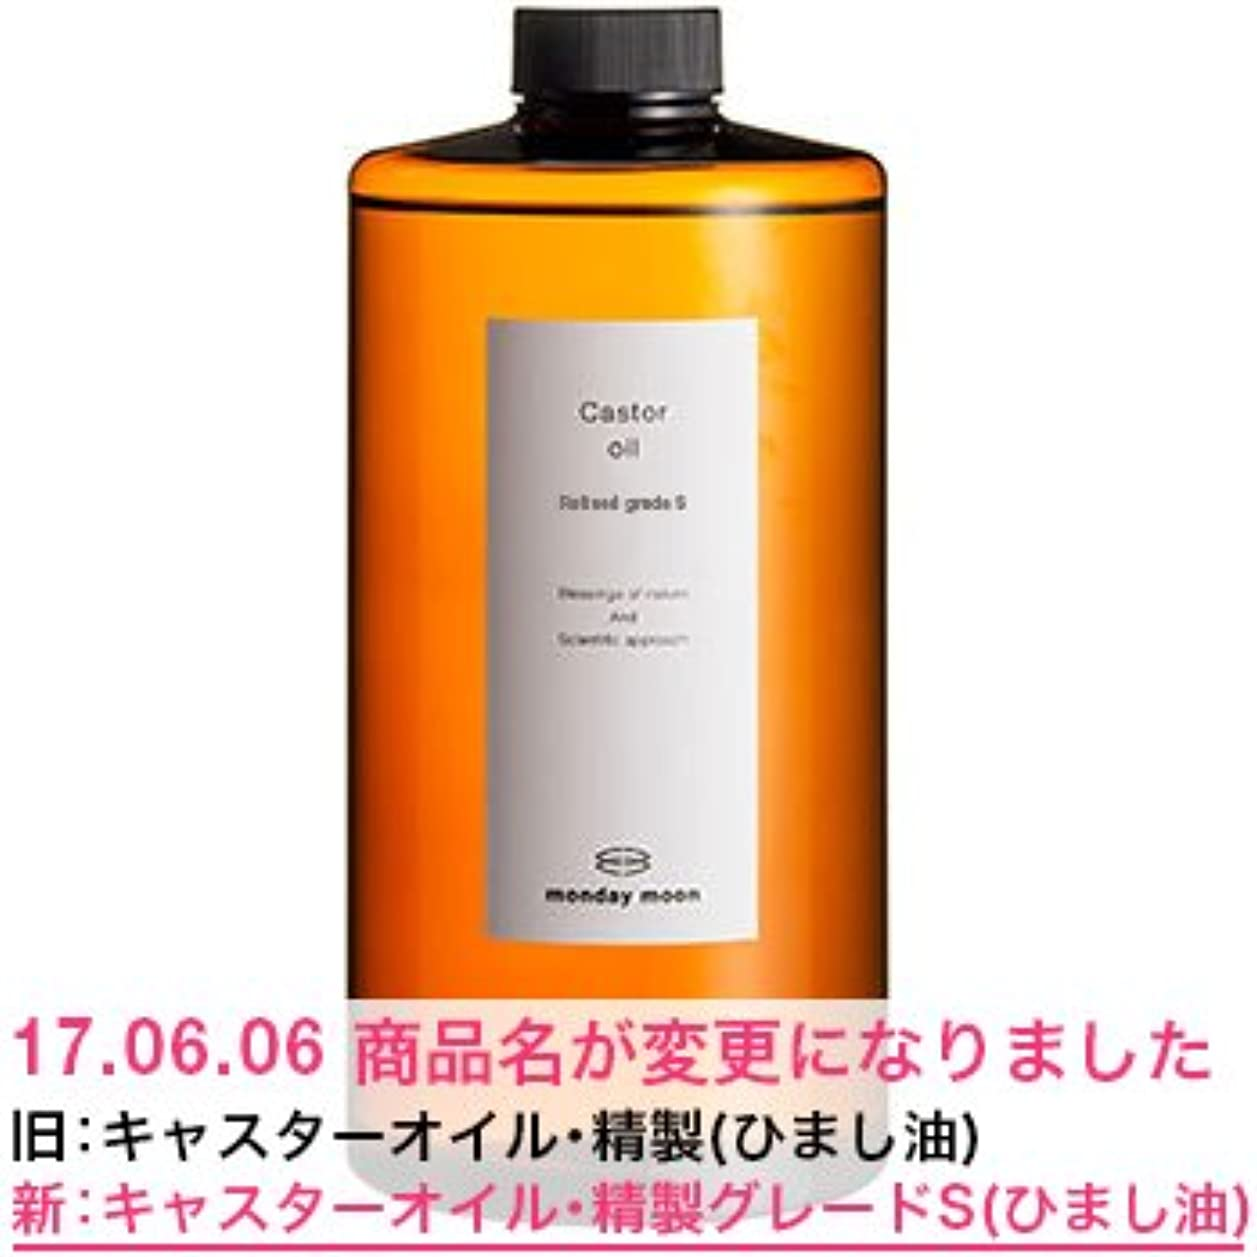 始まりトーナメントすりひまし油?精製グレードS(キャスターオイル)/1000ml